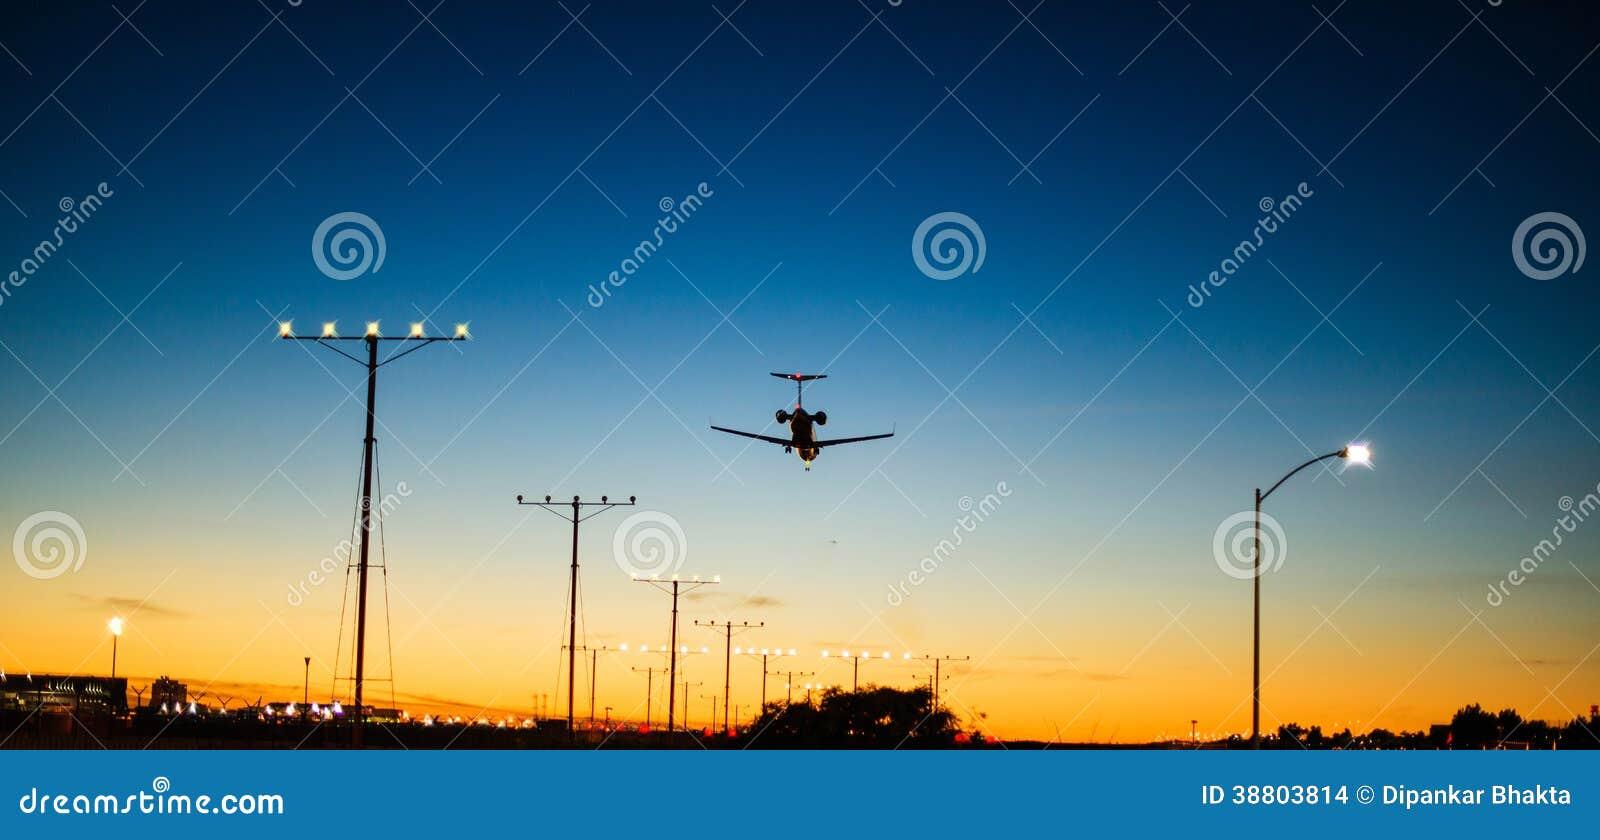 Aterrizaje de aeroplano durante amanecer momentos antes de la salida del sol